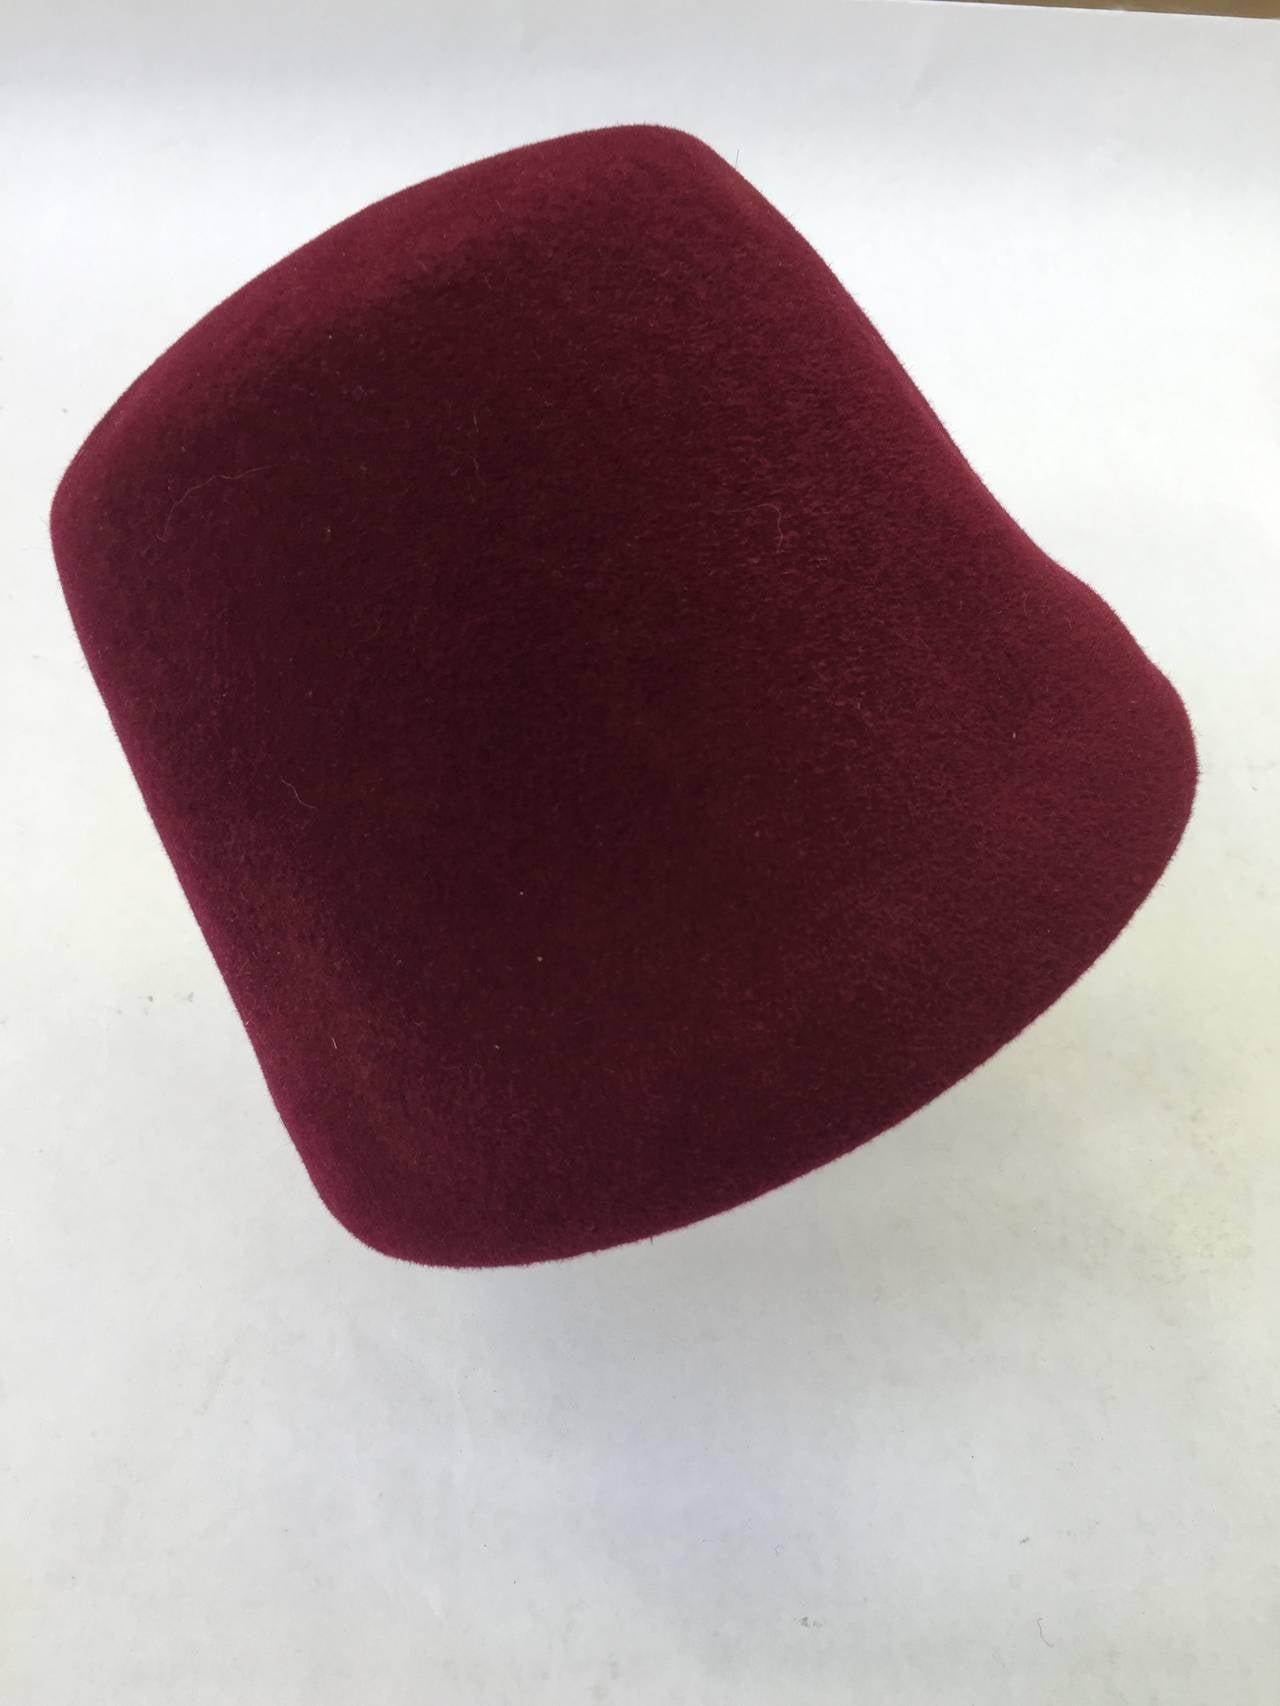 Yves Saint Laurent 70s fez hat. 4